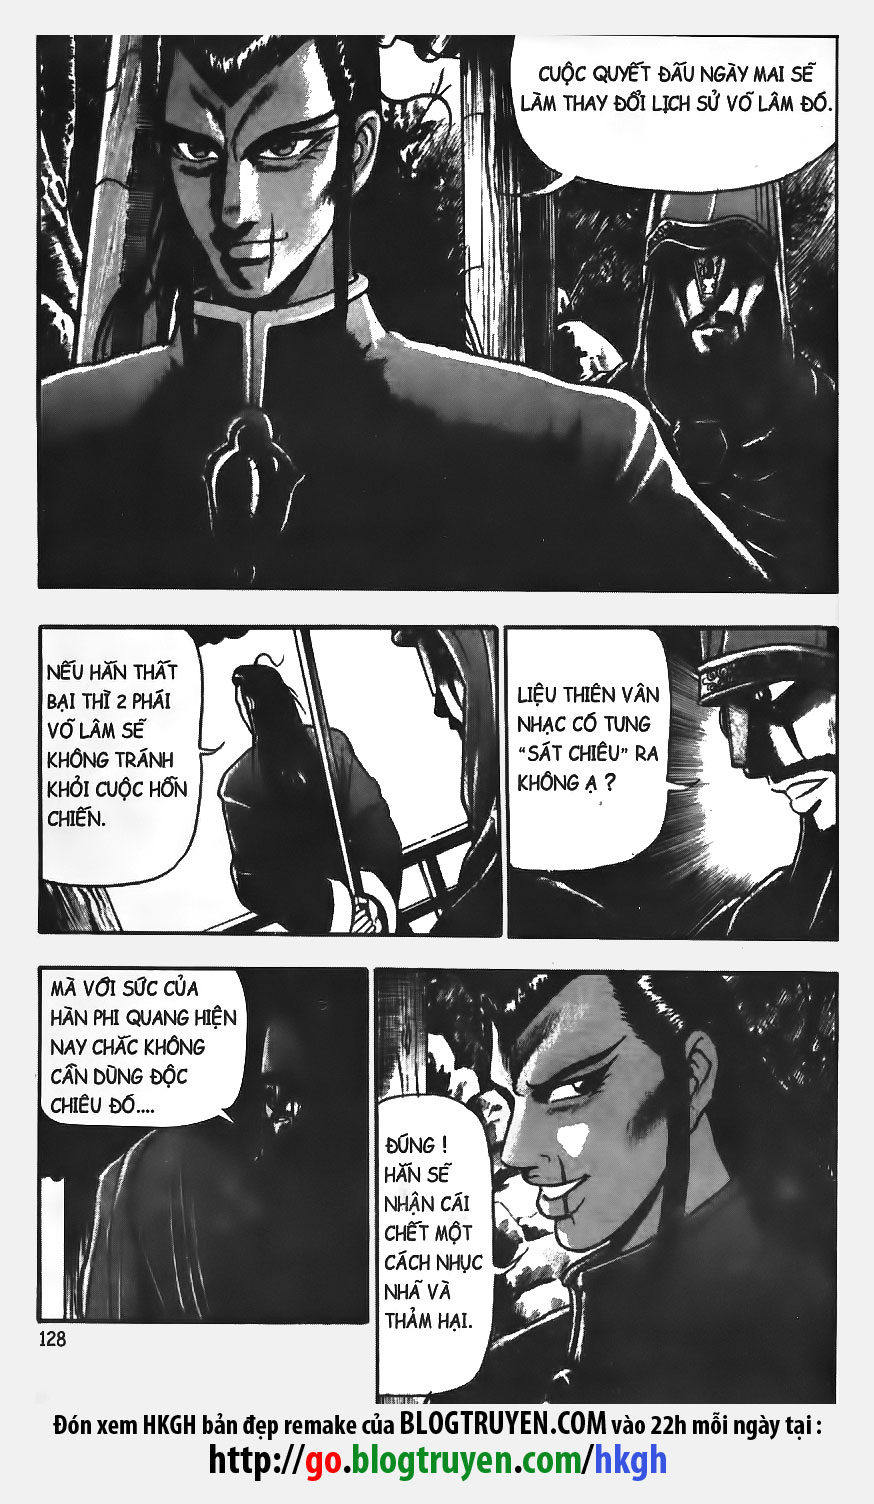 xem truyen moi - Hiệp Khách Giang Hồ Vol08 - Chap 052 - Remake